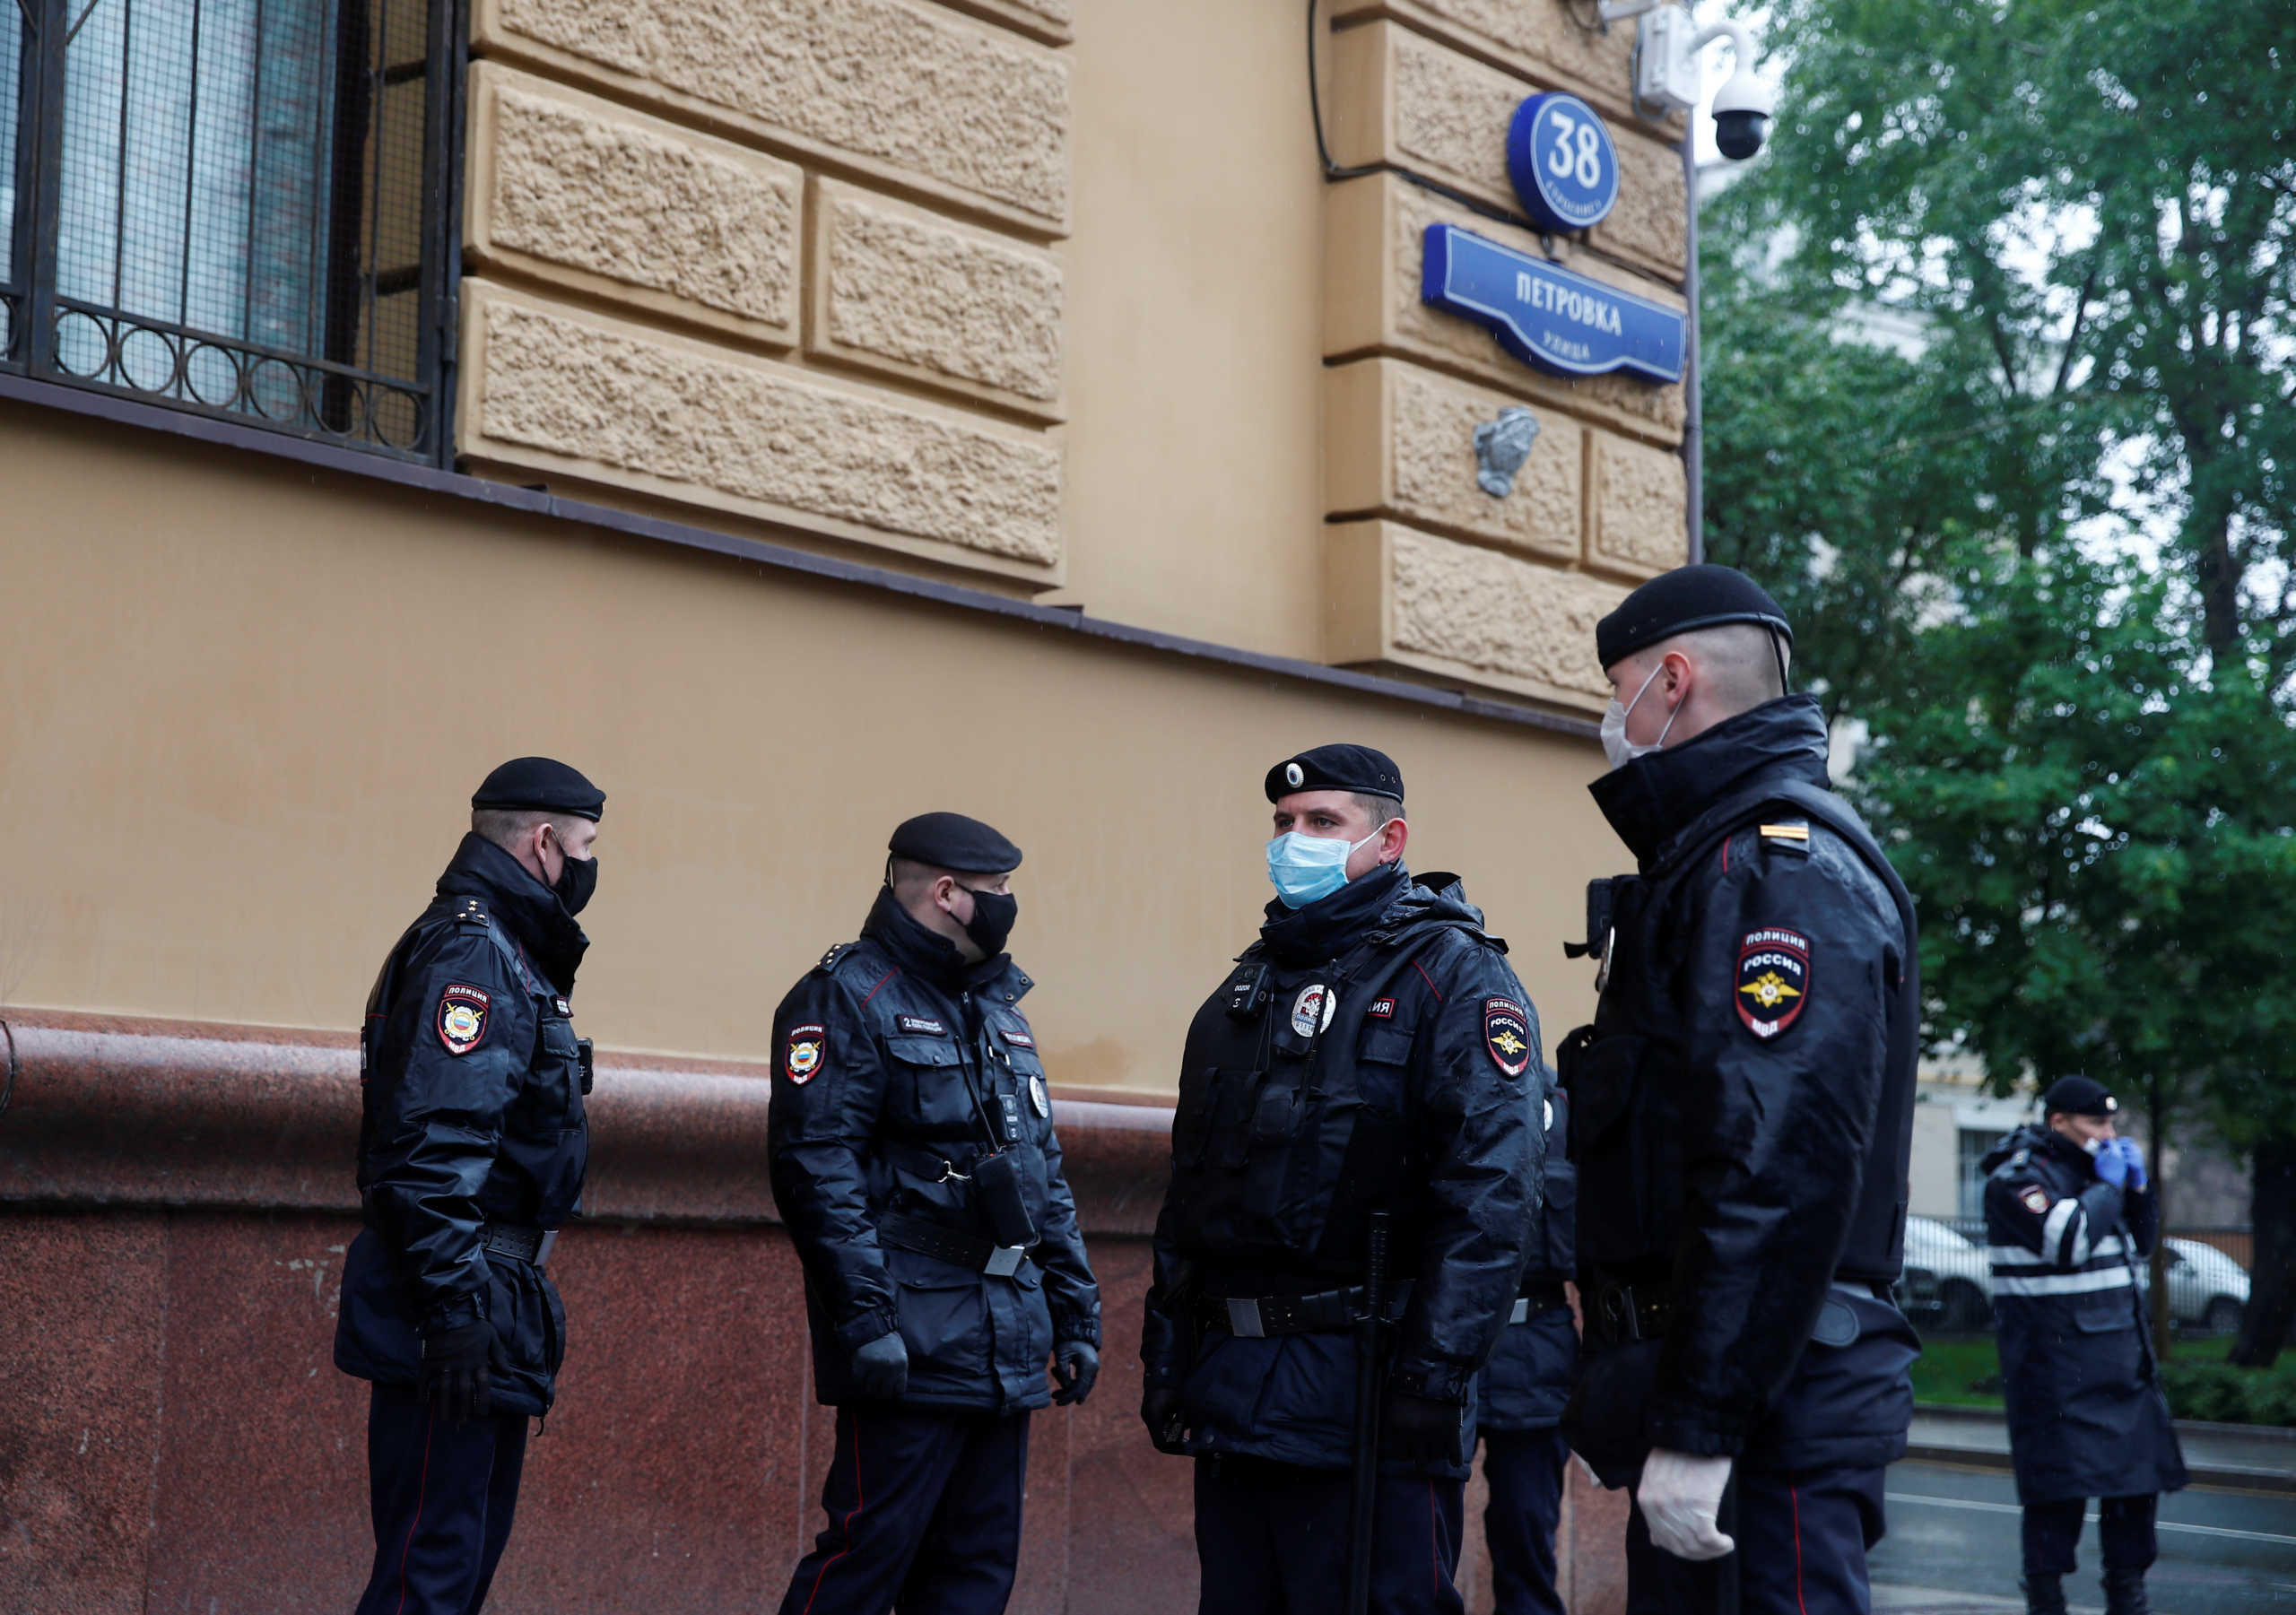 Ρωσία: Νεκροί και τραυματίες από πυροβολισμούς – 18χρονος άνοιξε πυρ εναντίον λεωφορείου